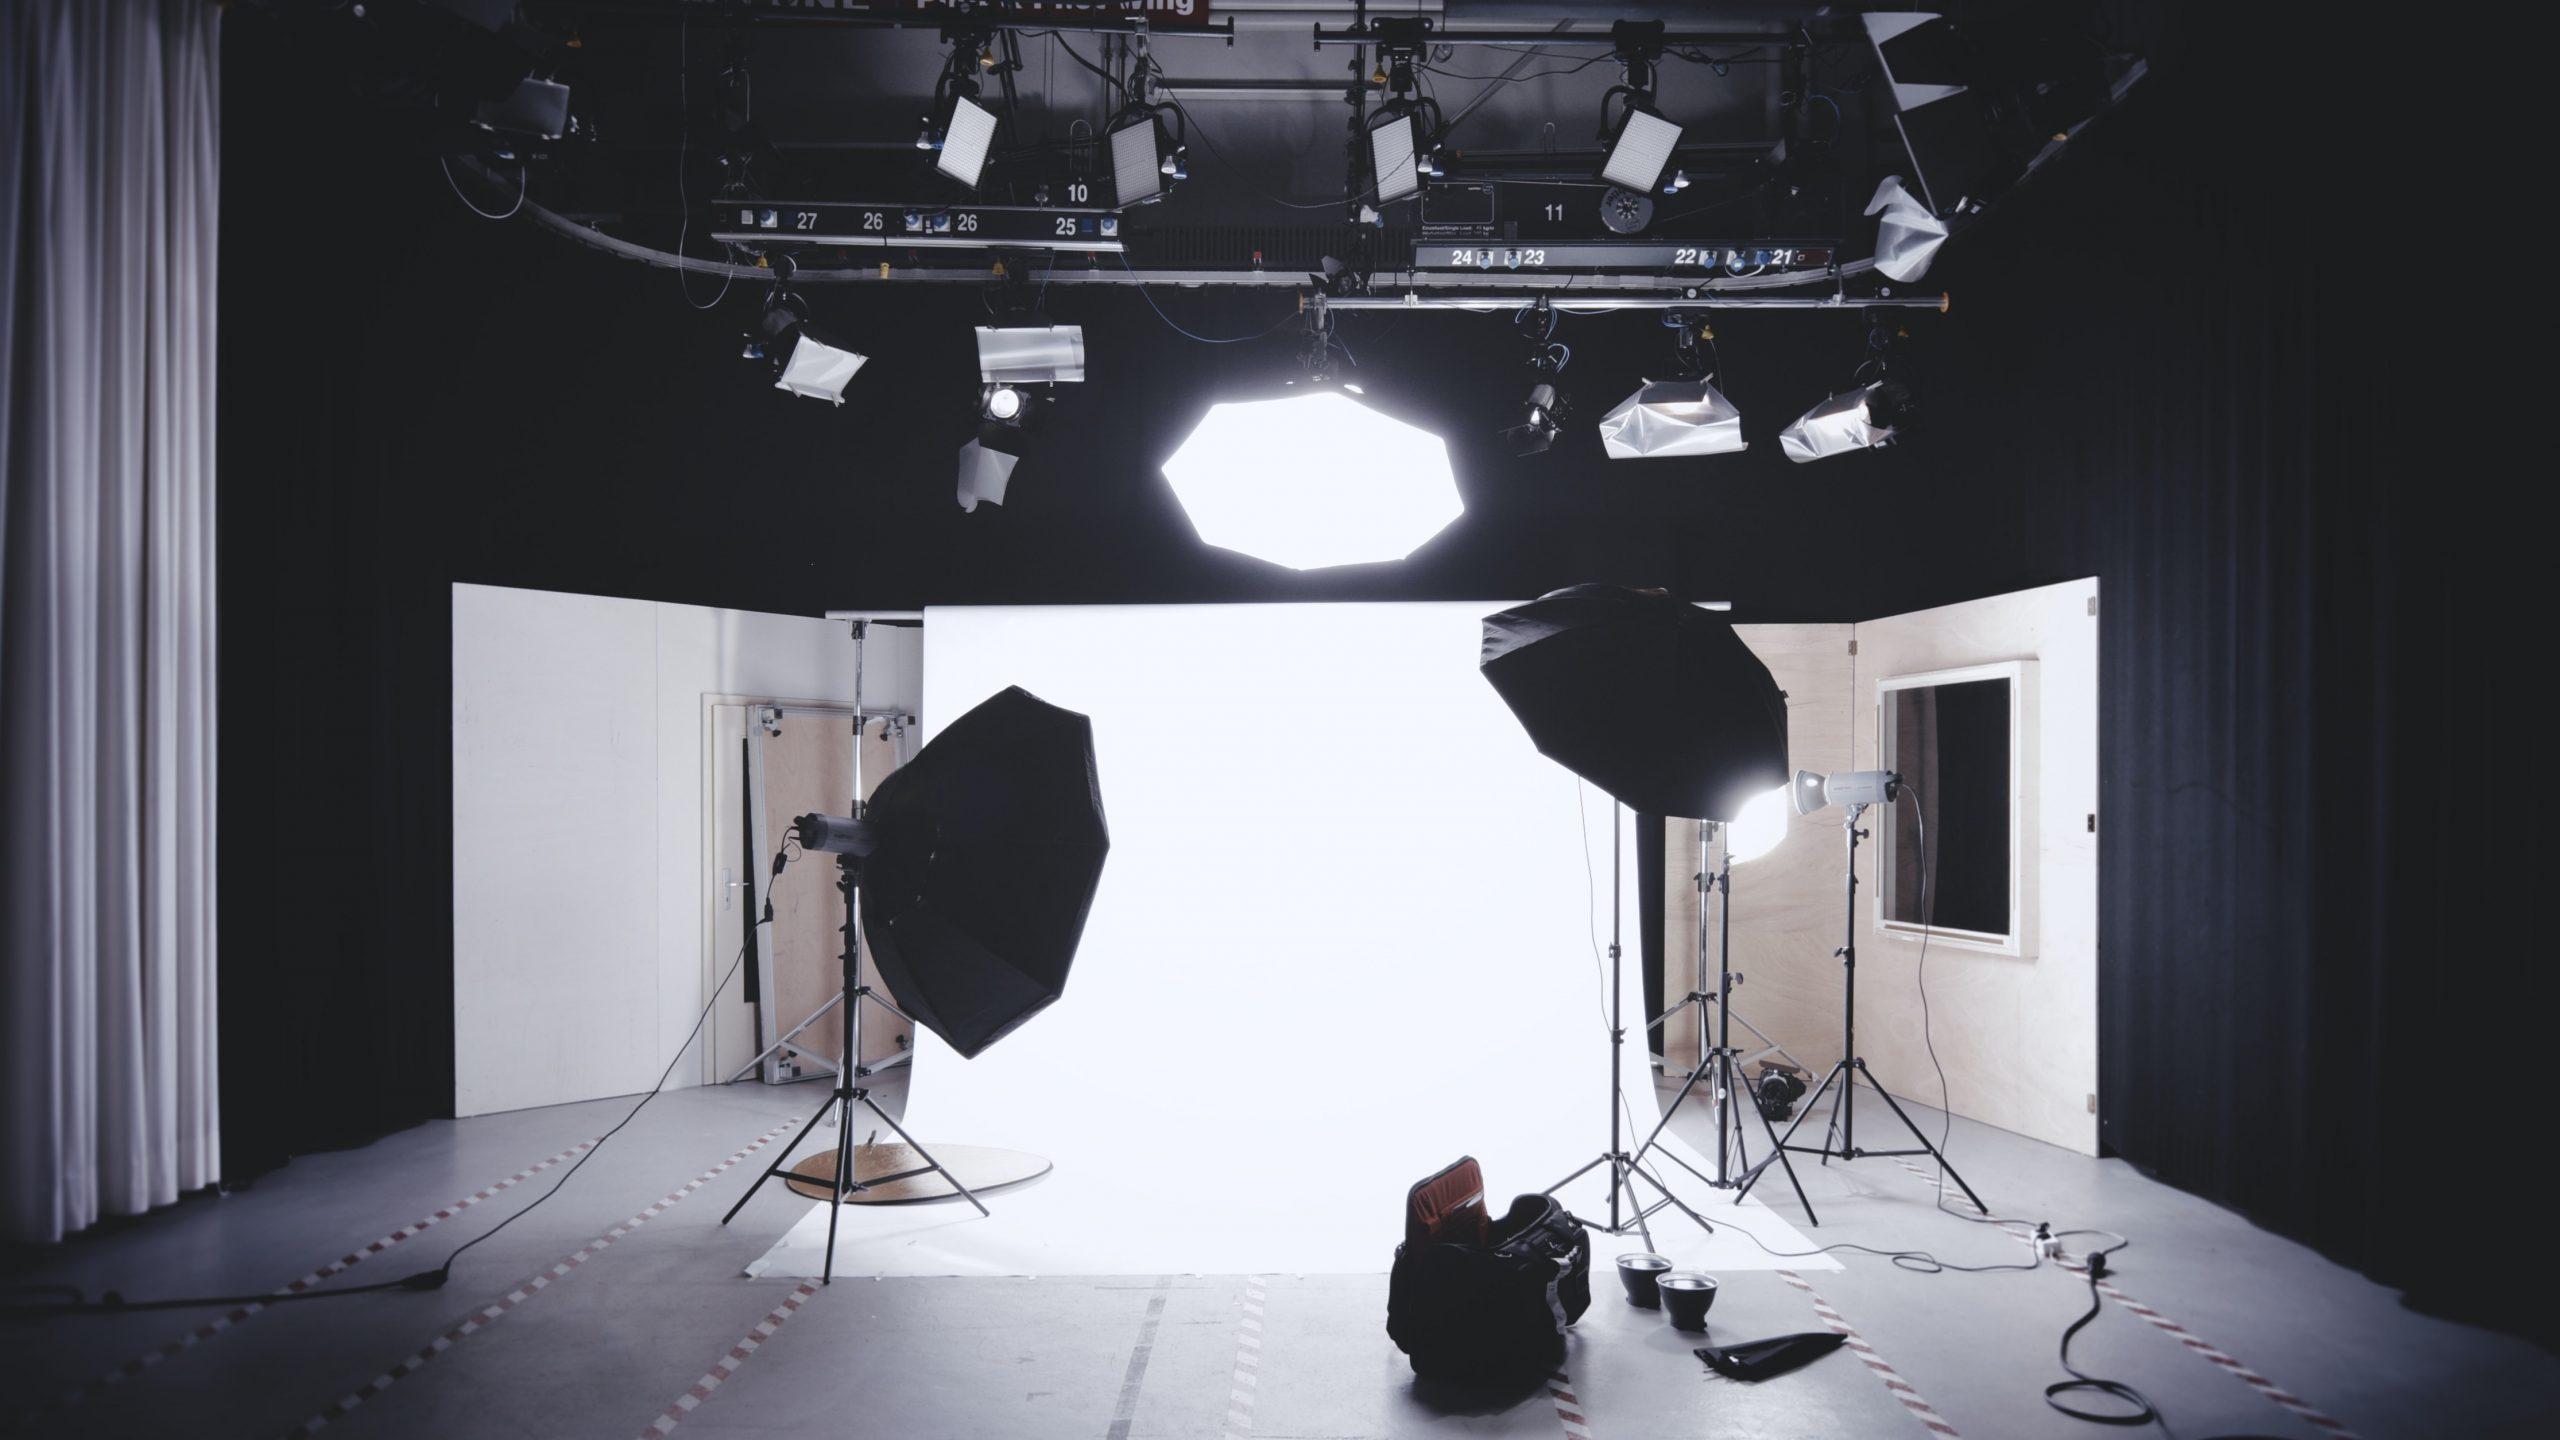 湖南江华旅游形象片《歌里江华》缩略图奥格威(中国)官方网站-影视视频制作 ·拍摄·剪辑·推广